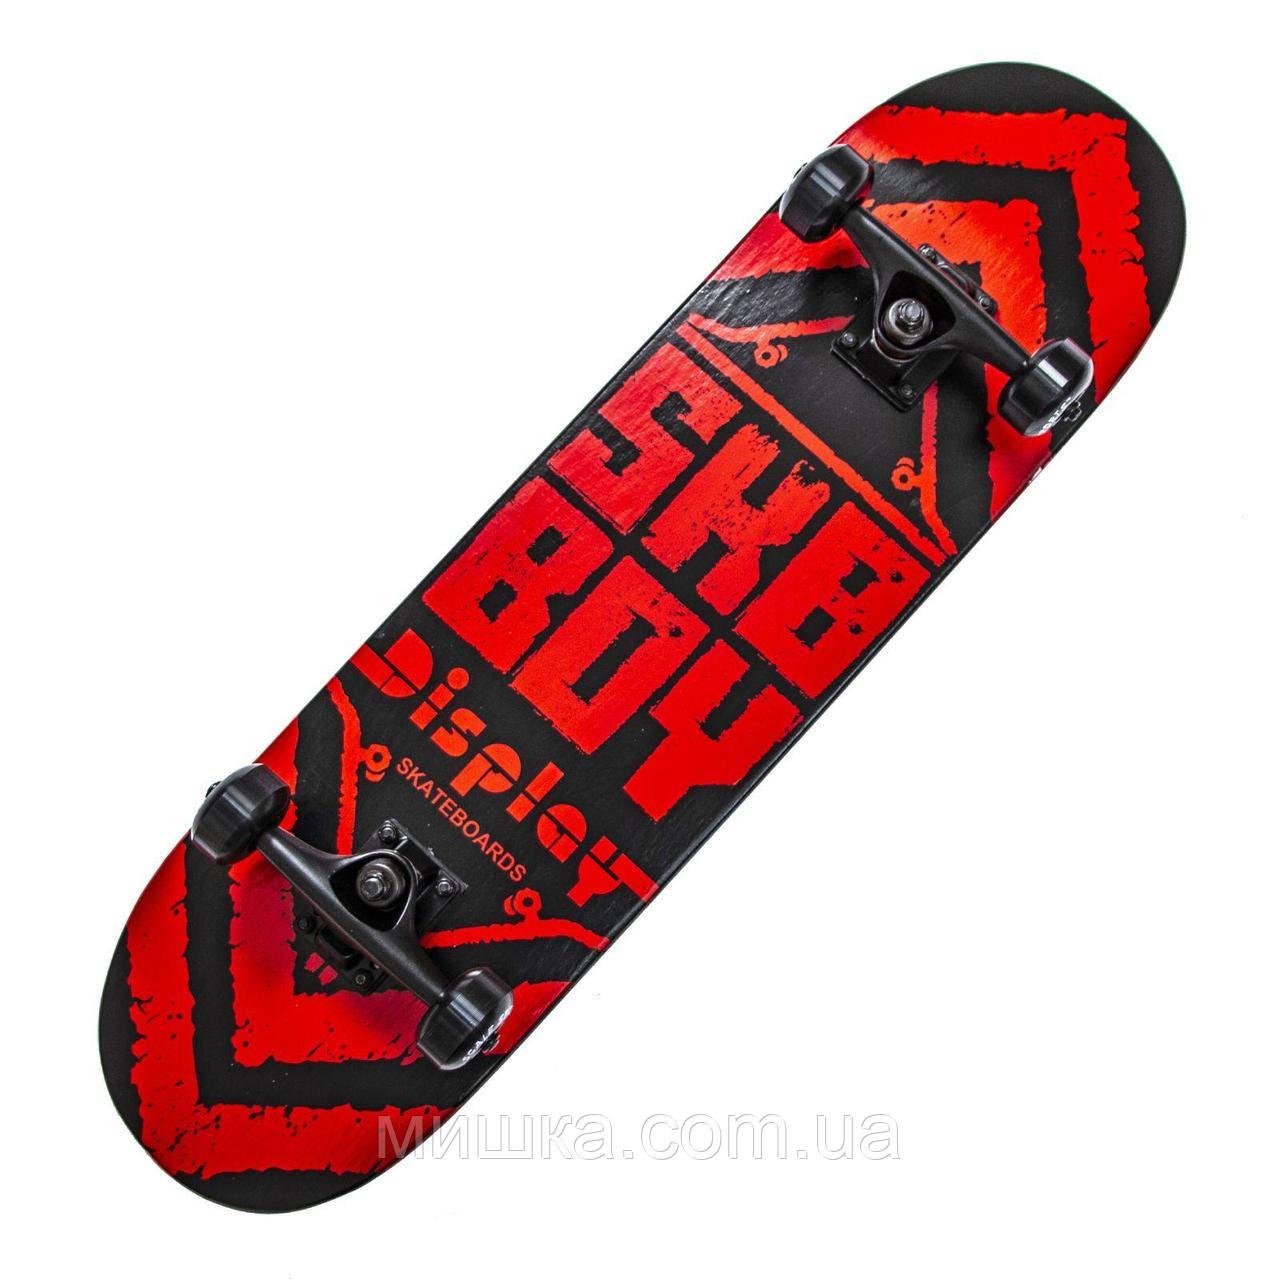 """Дерев'яний скейтборд """"SKY BOY"""", червоний, 79*20 см"""